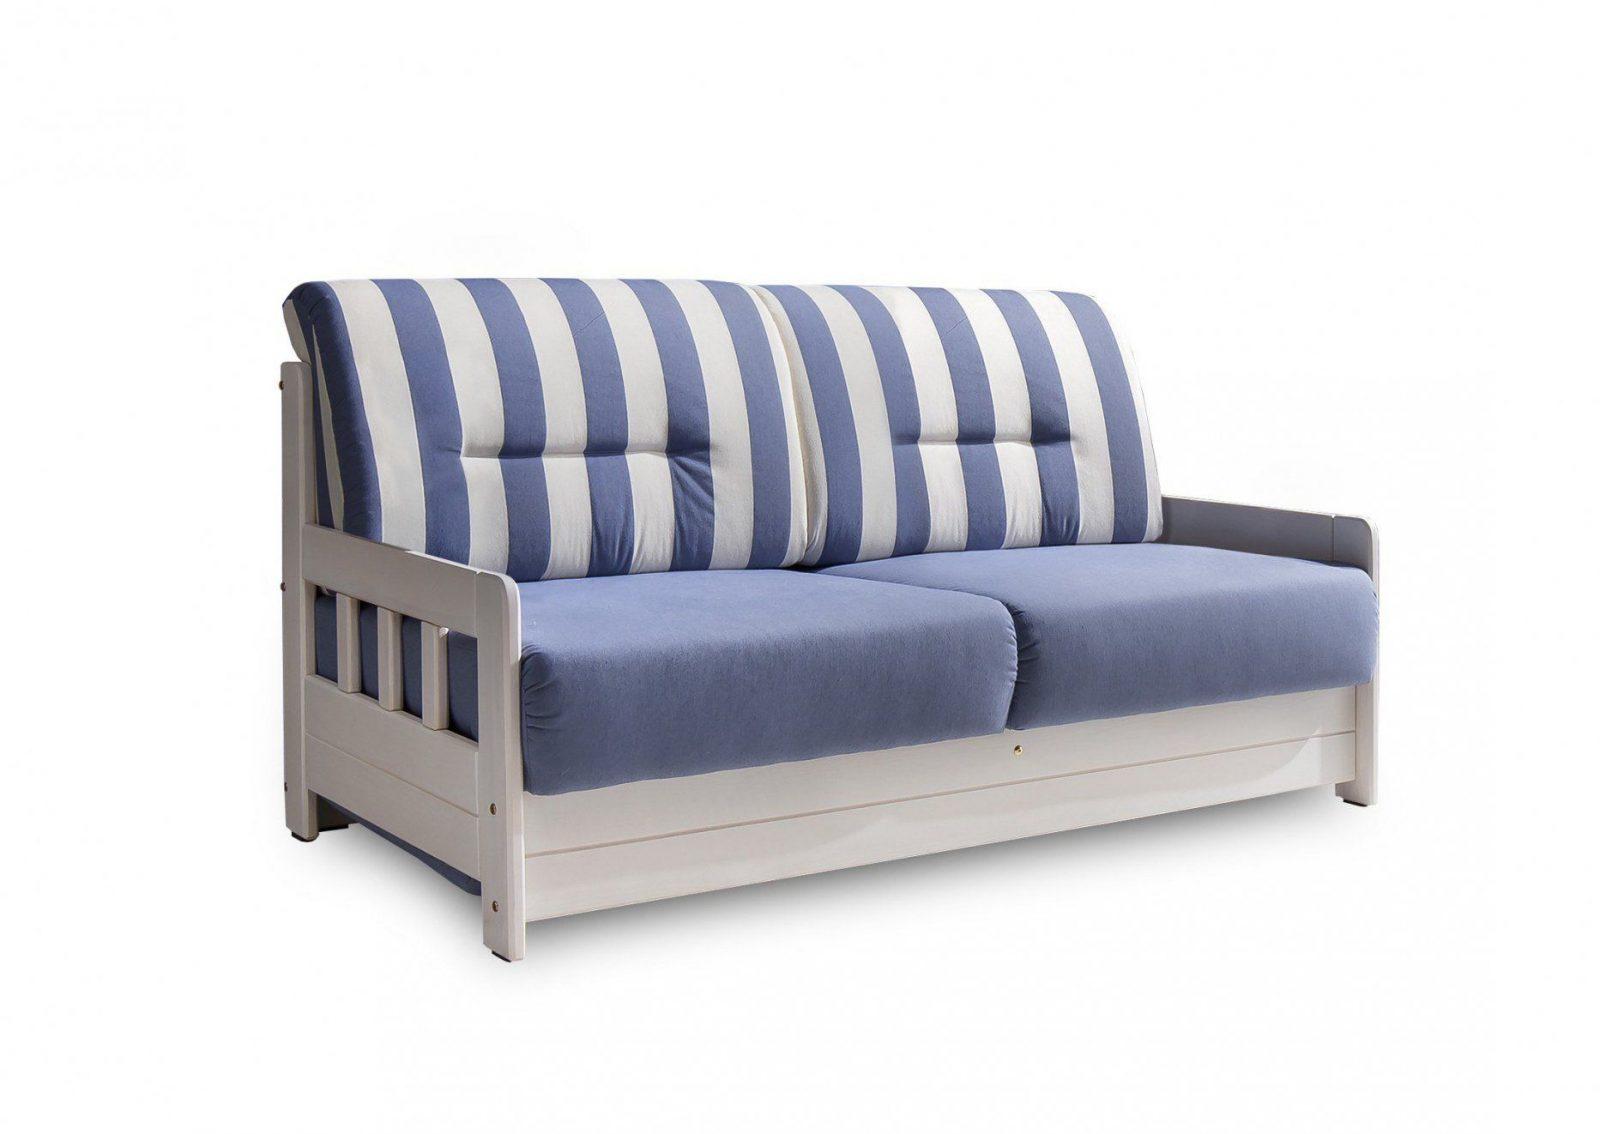 Campi Sofa Blauweißgestreift Von Benformato Möbel Letz  Ihr von Schlafsofa Blau Weiß Gestreift Photo